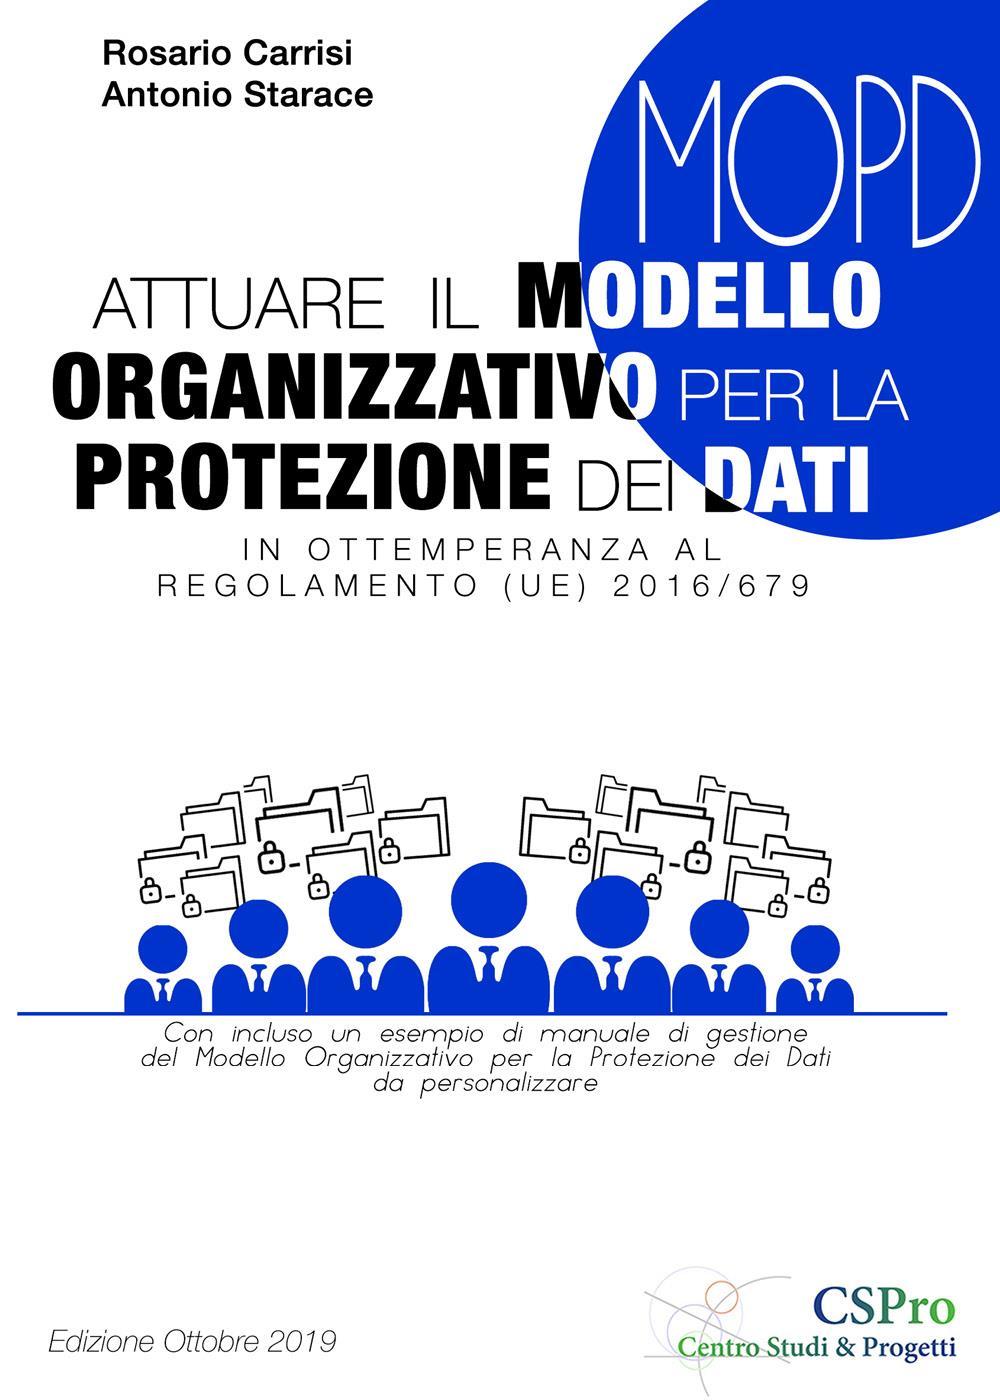 Attuare il Modello Organizzativo per la Protezione dei Dati